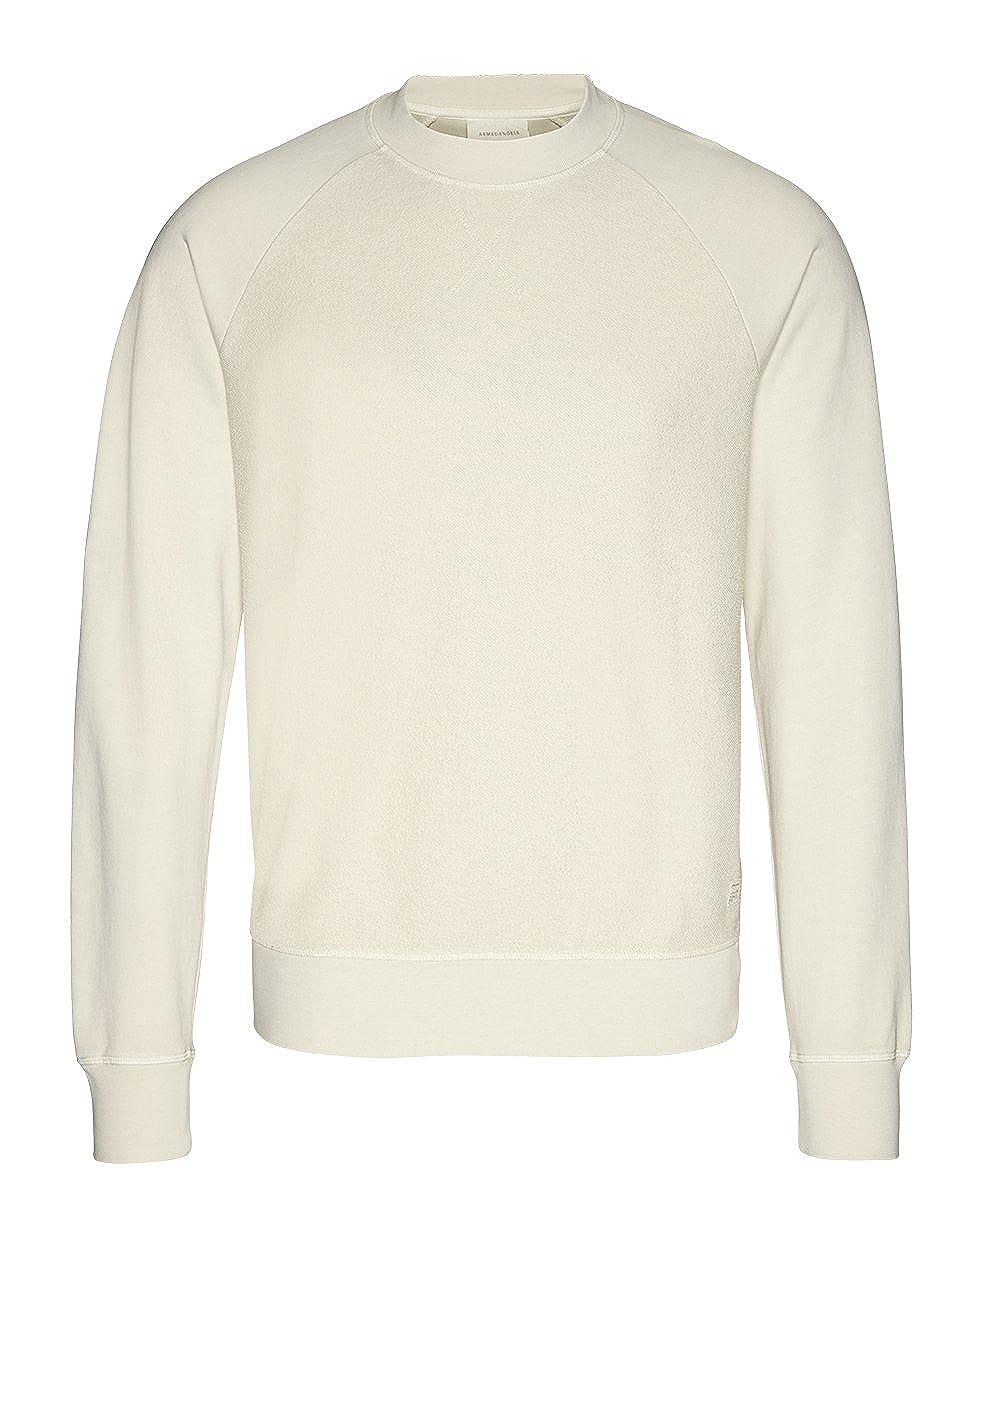 Armedangels Herren Sweatshirt aus Bio-Baumwolle - Nikola - GOTS, Organic, CERES-08